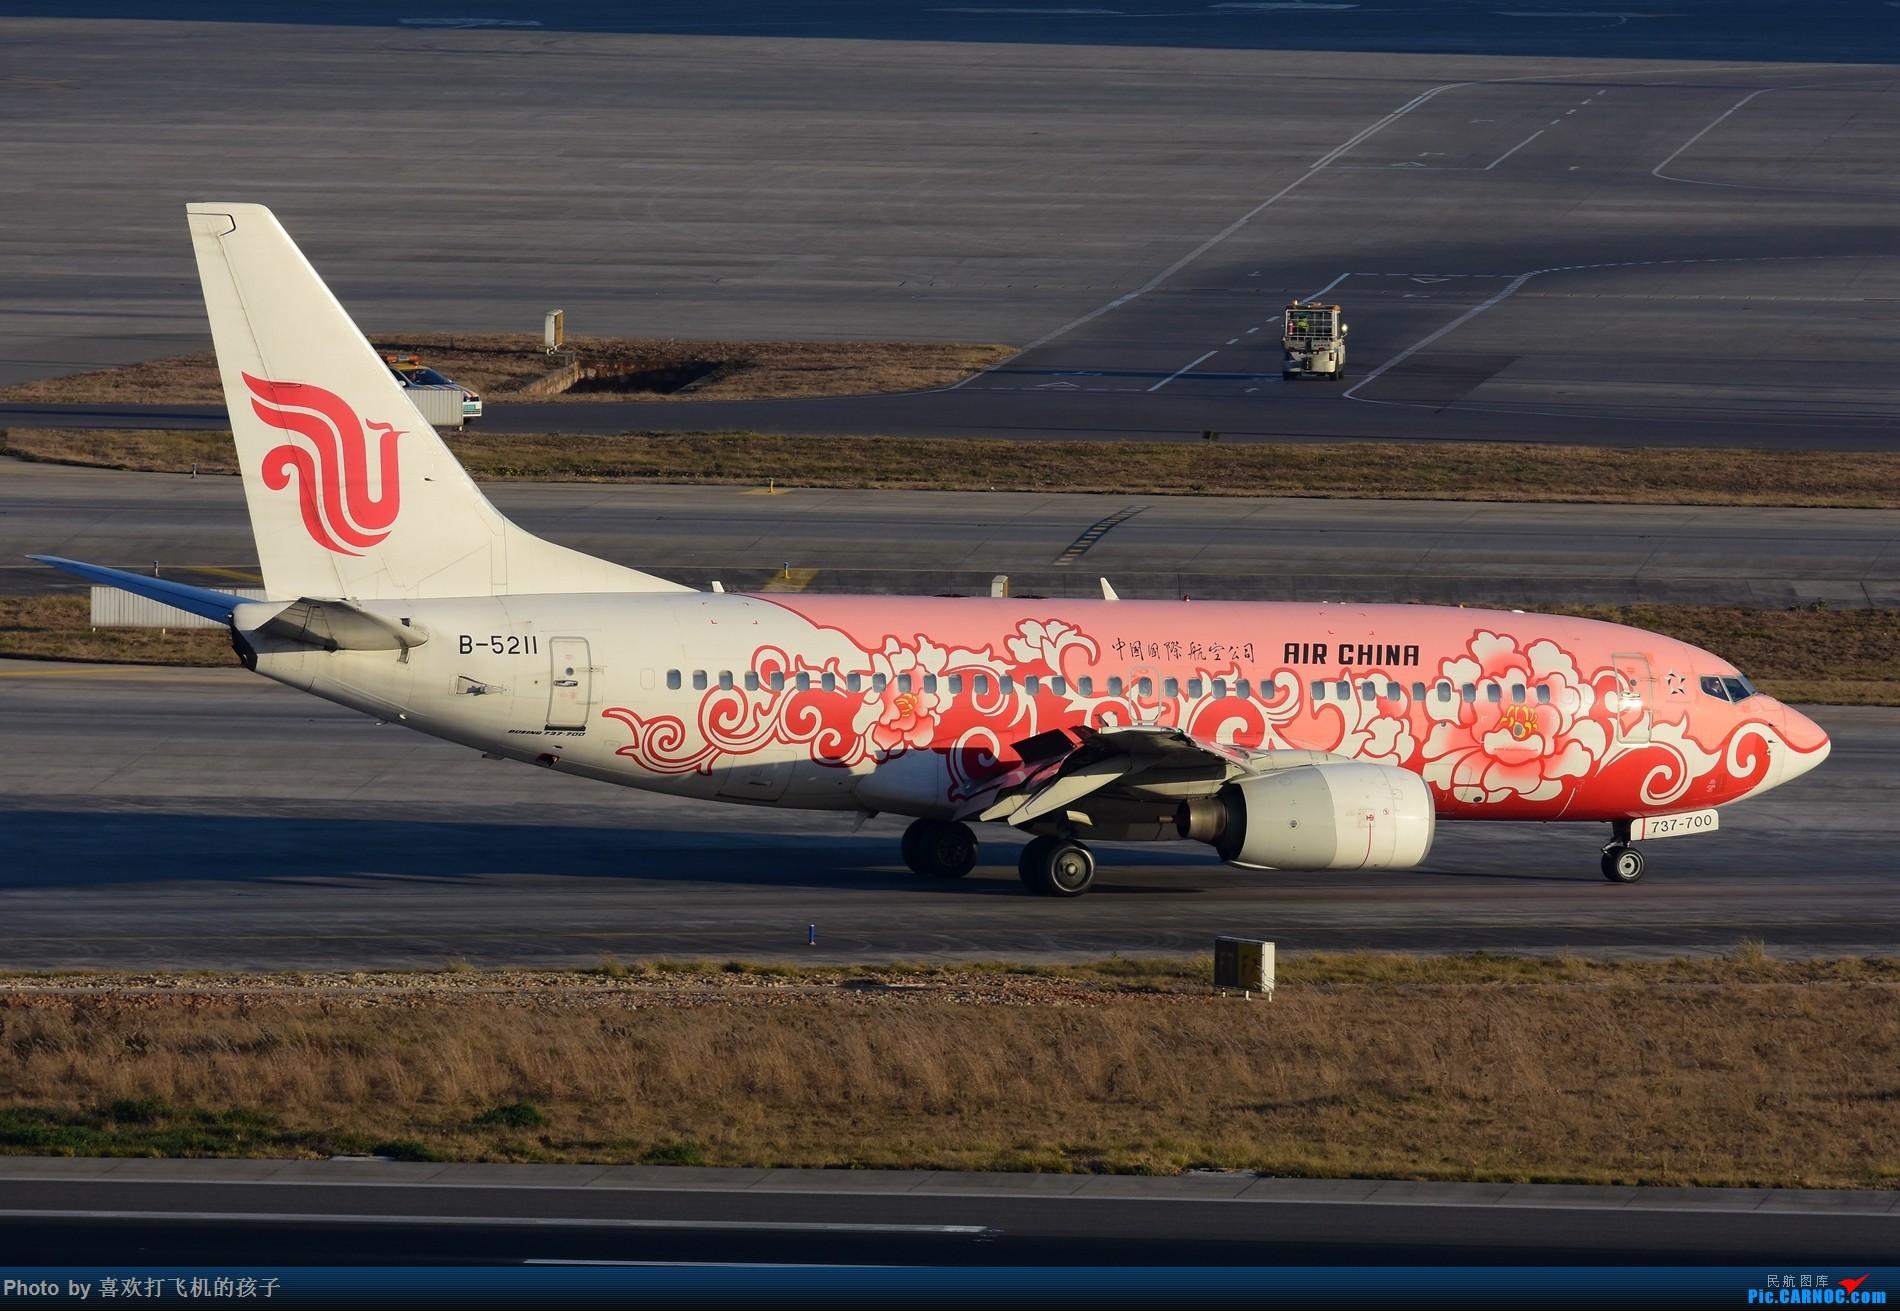 Re:[原创]【昆明飞友会】2017年最后一贴,昆明长水国际机场 BOEING 737-700 B-5211 中国昆明长水国际机场